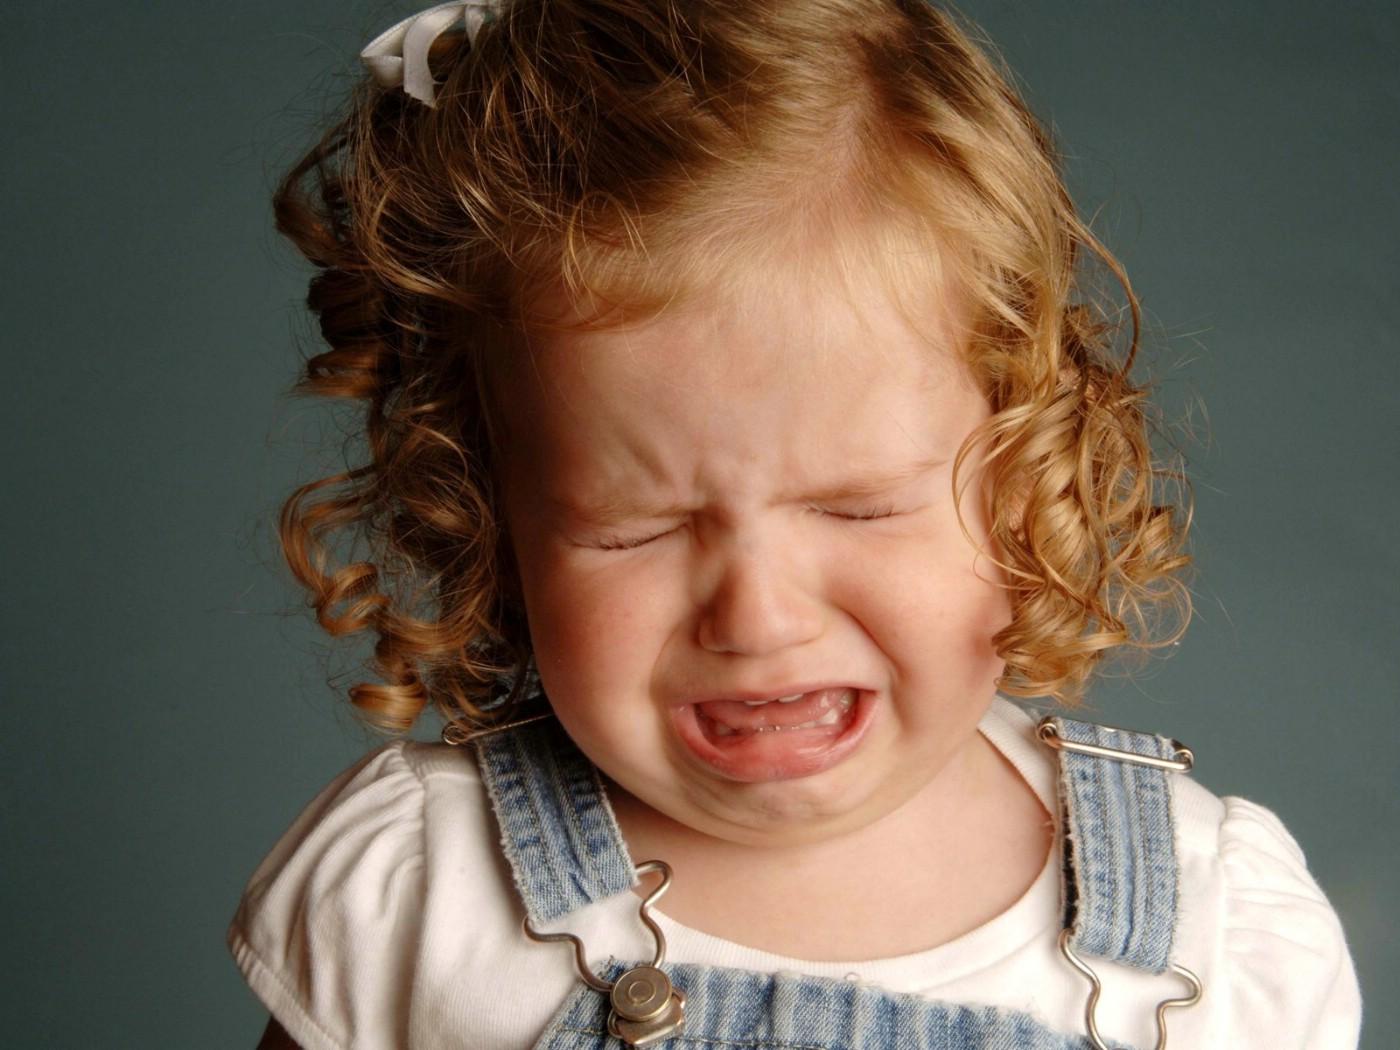 哭泣的小女孩图片壁纸